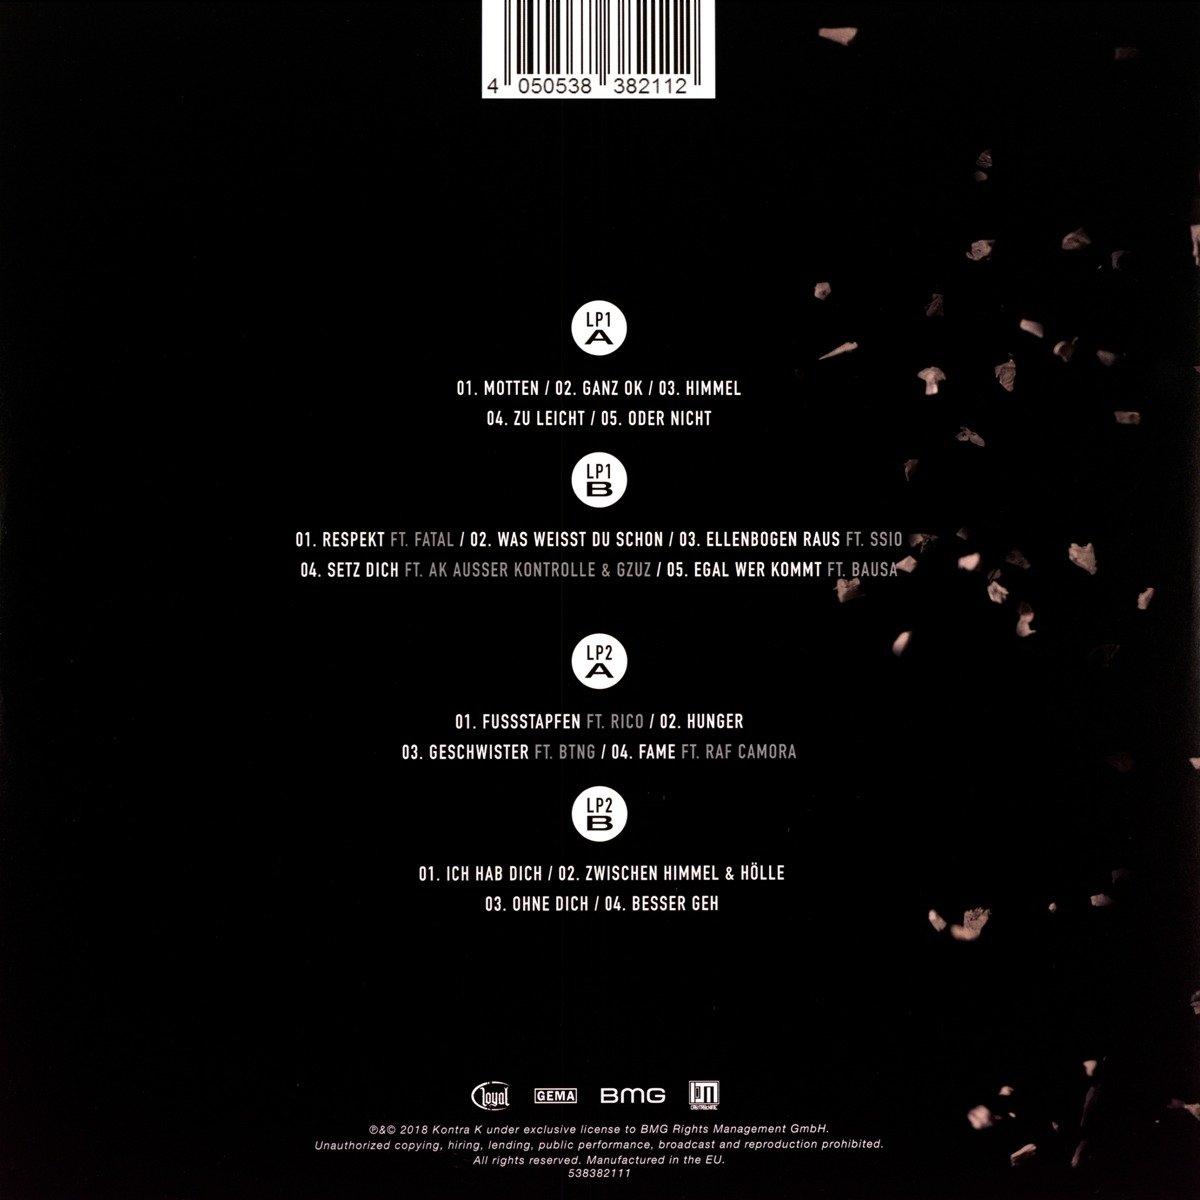 Erde Knochen Vinyl Lp Kontra K Amazonde Musik